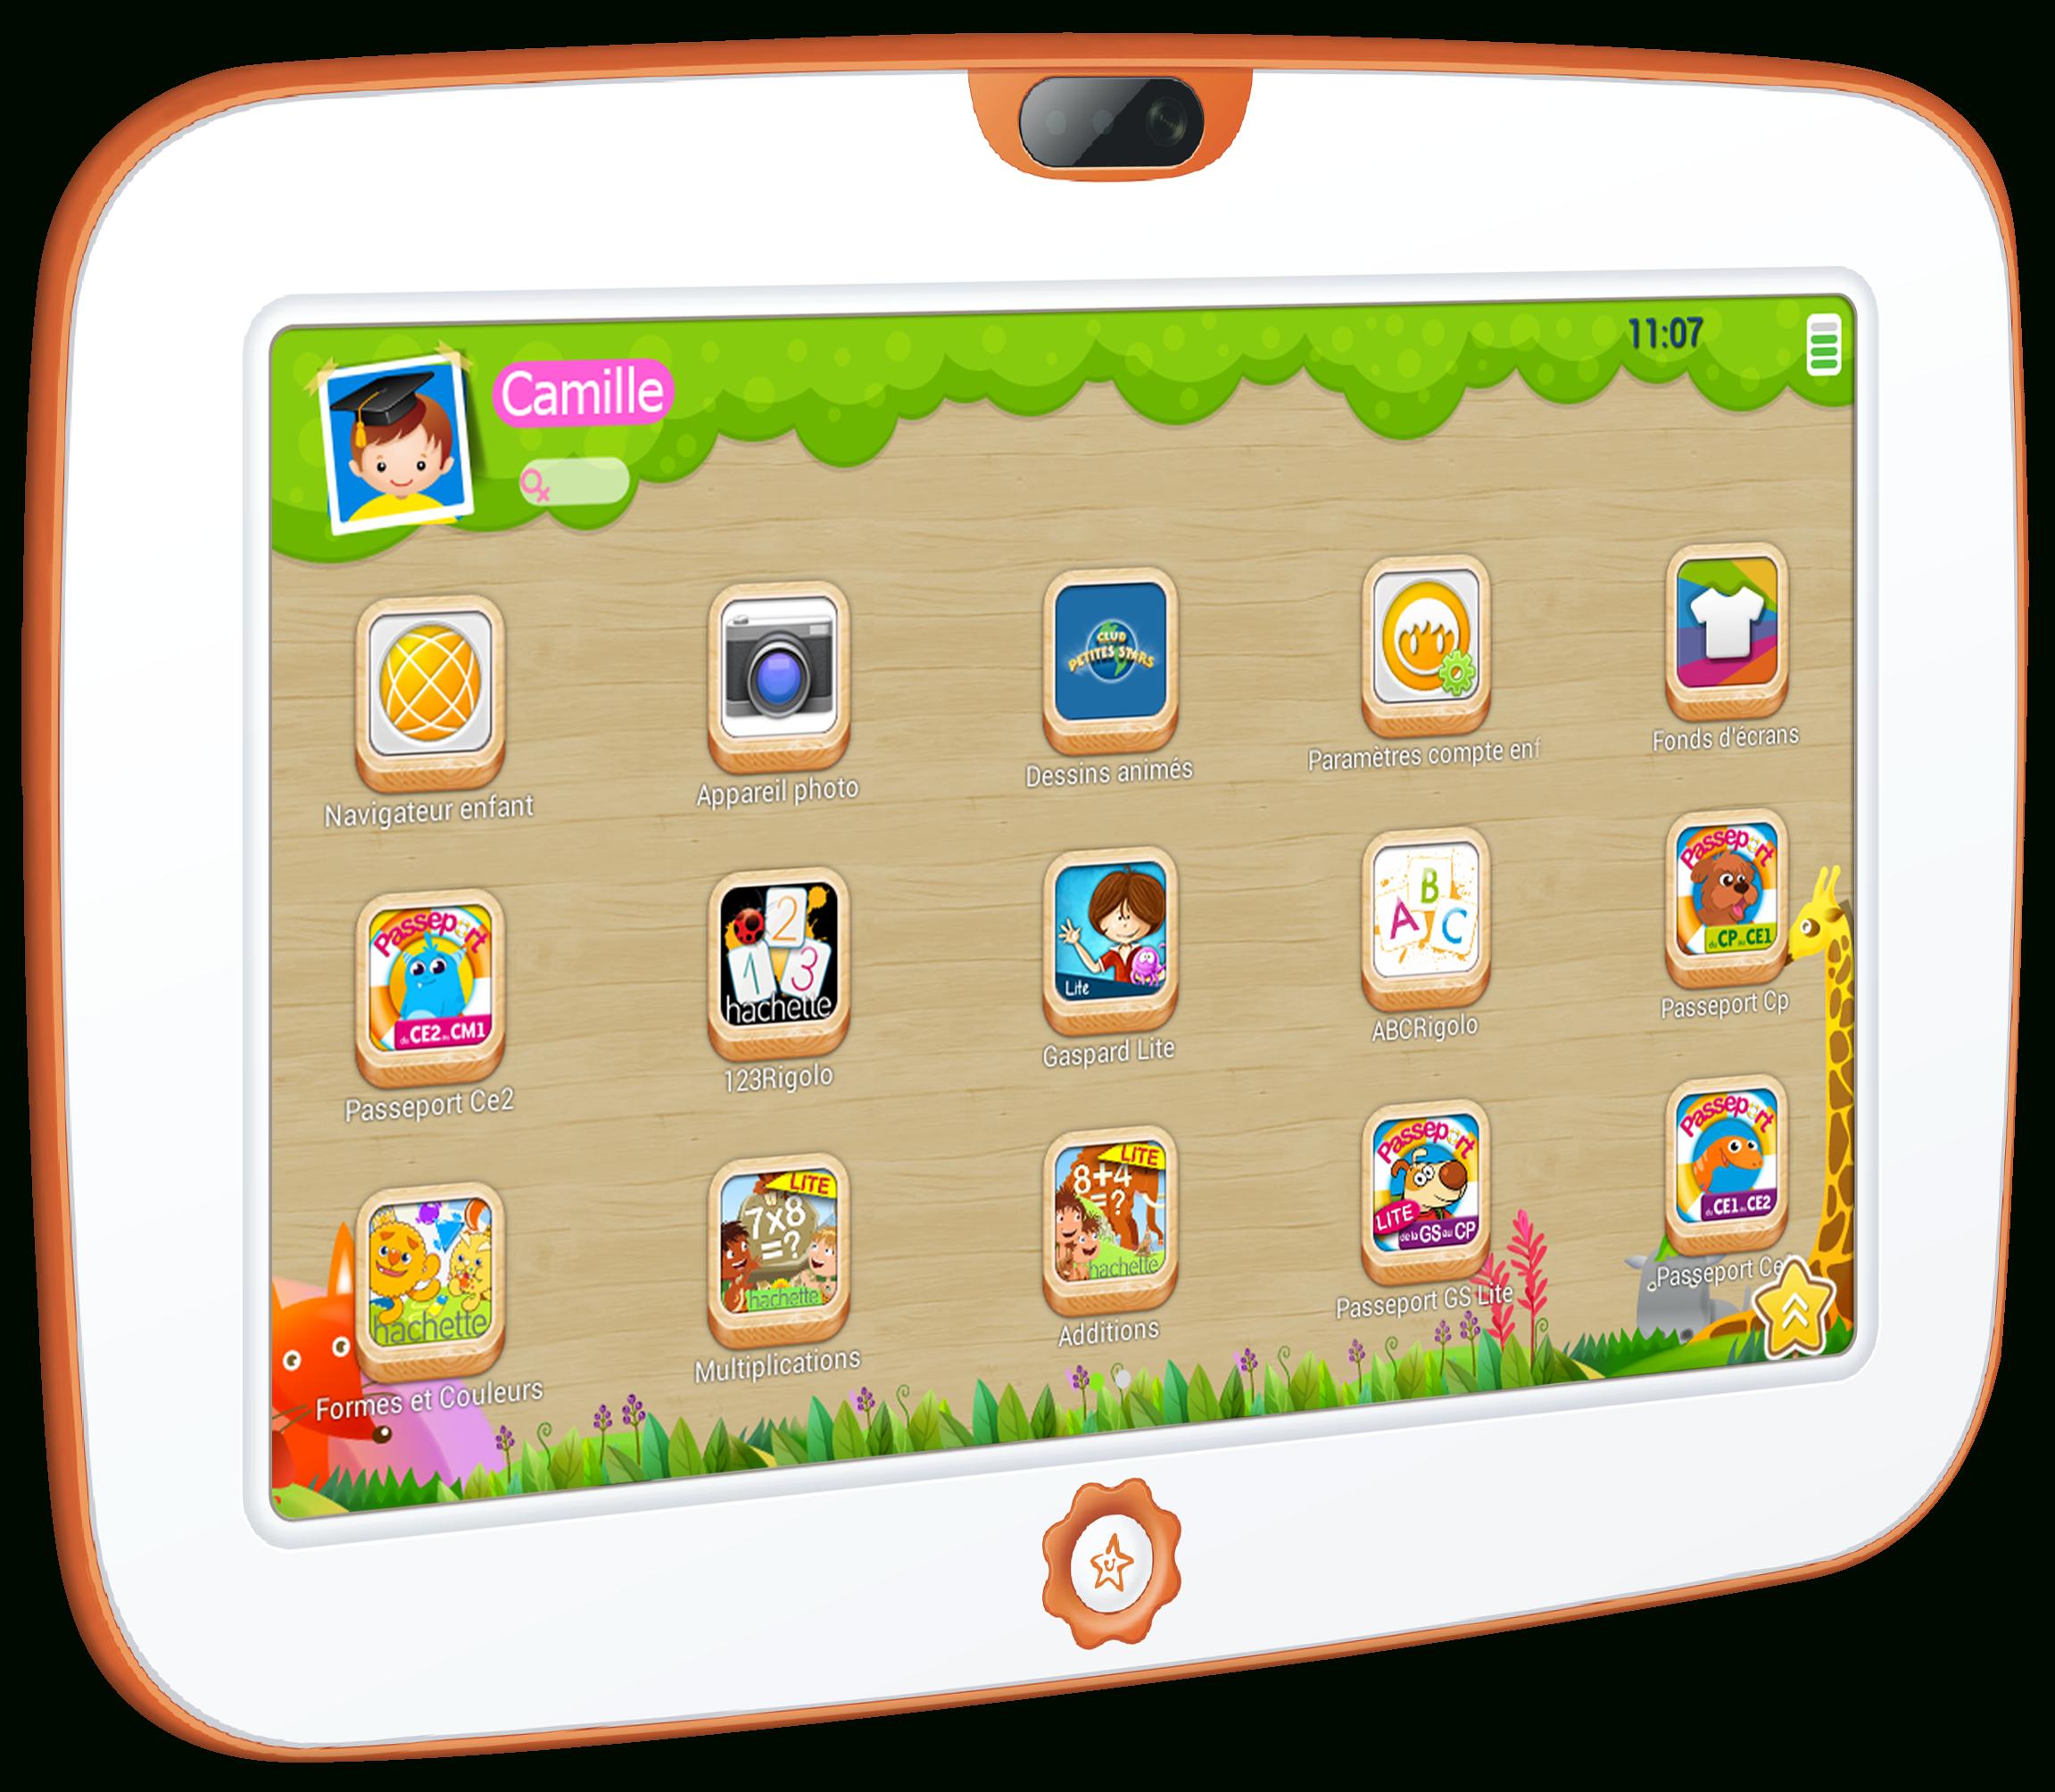 Kid Tab La Nouvelle Tablette Pour Enfant | Sur Le Nuage De Lexou tout Tablette Enfant Fille